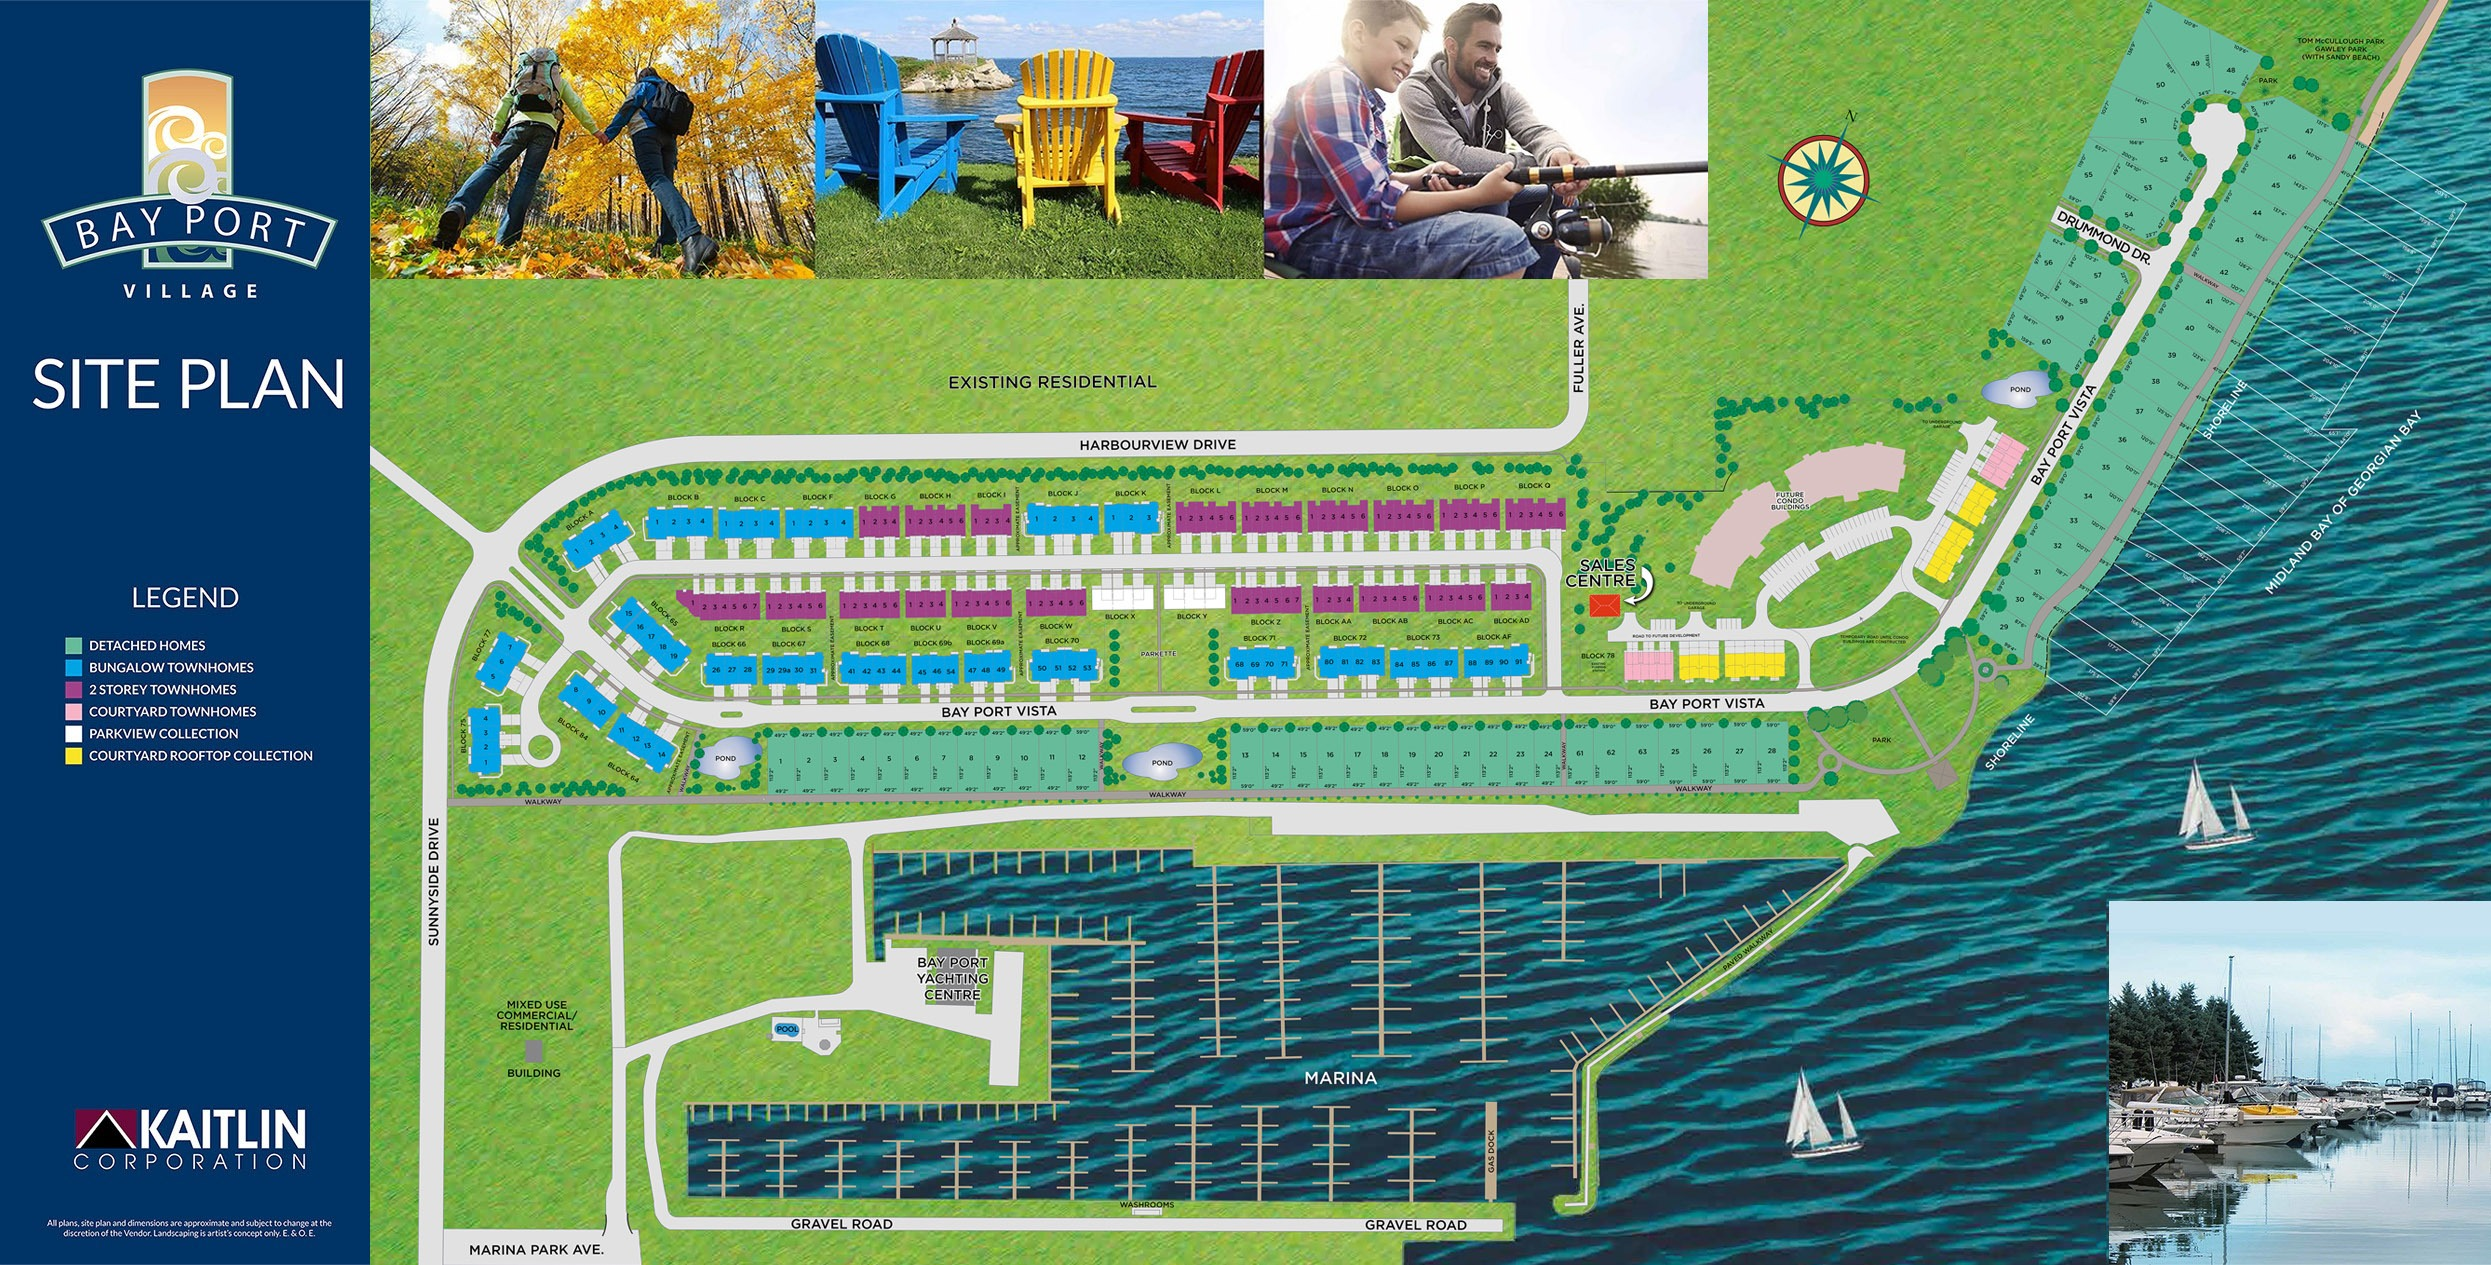 Midland Bay Port Village In Ontario Canada Site Map